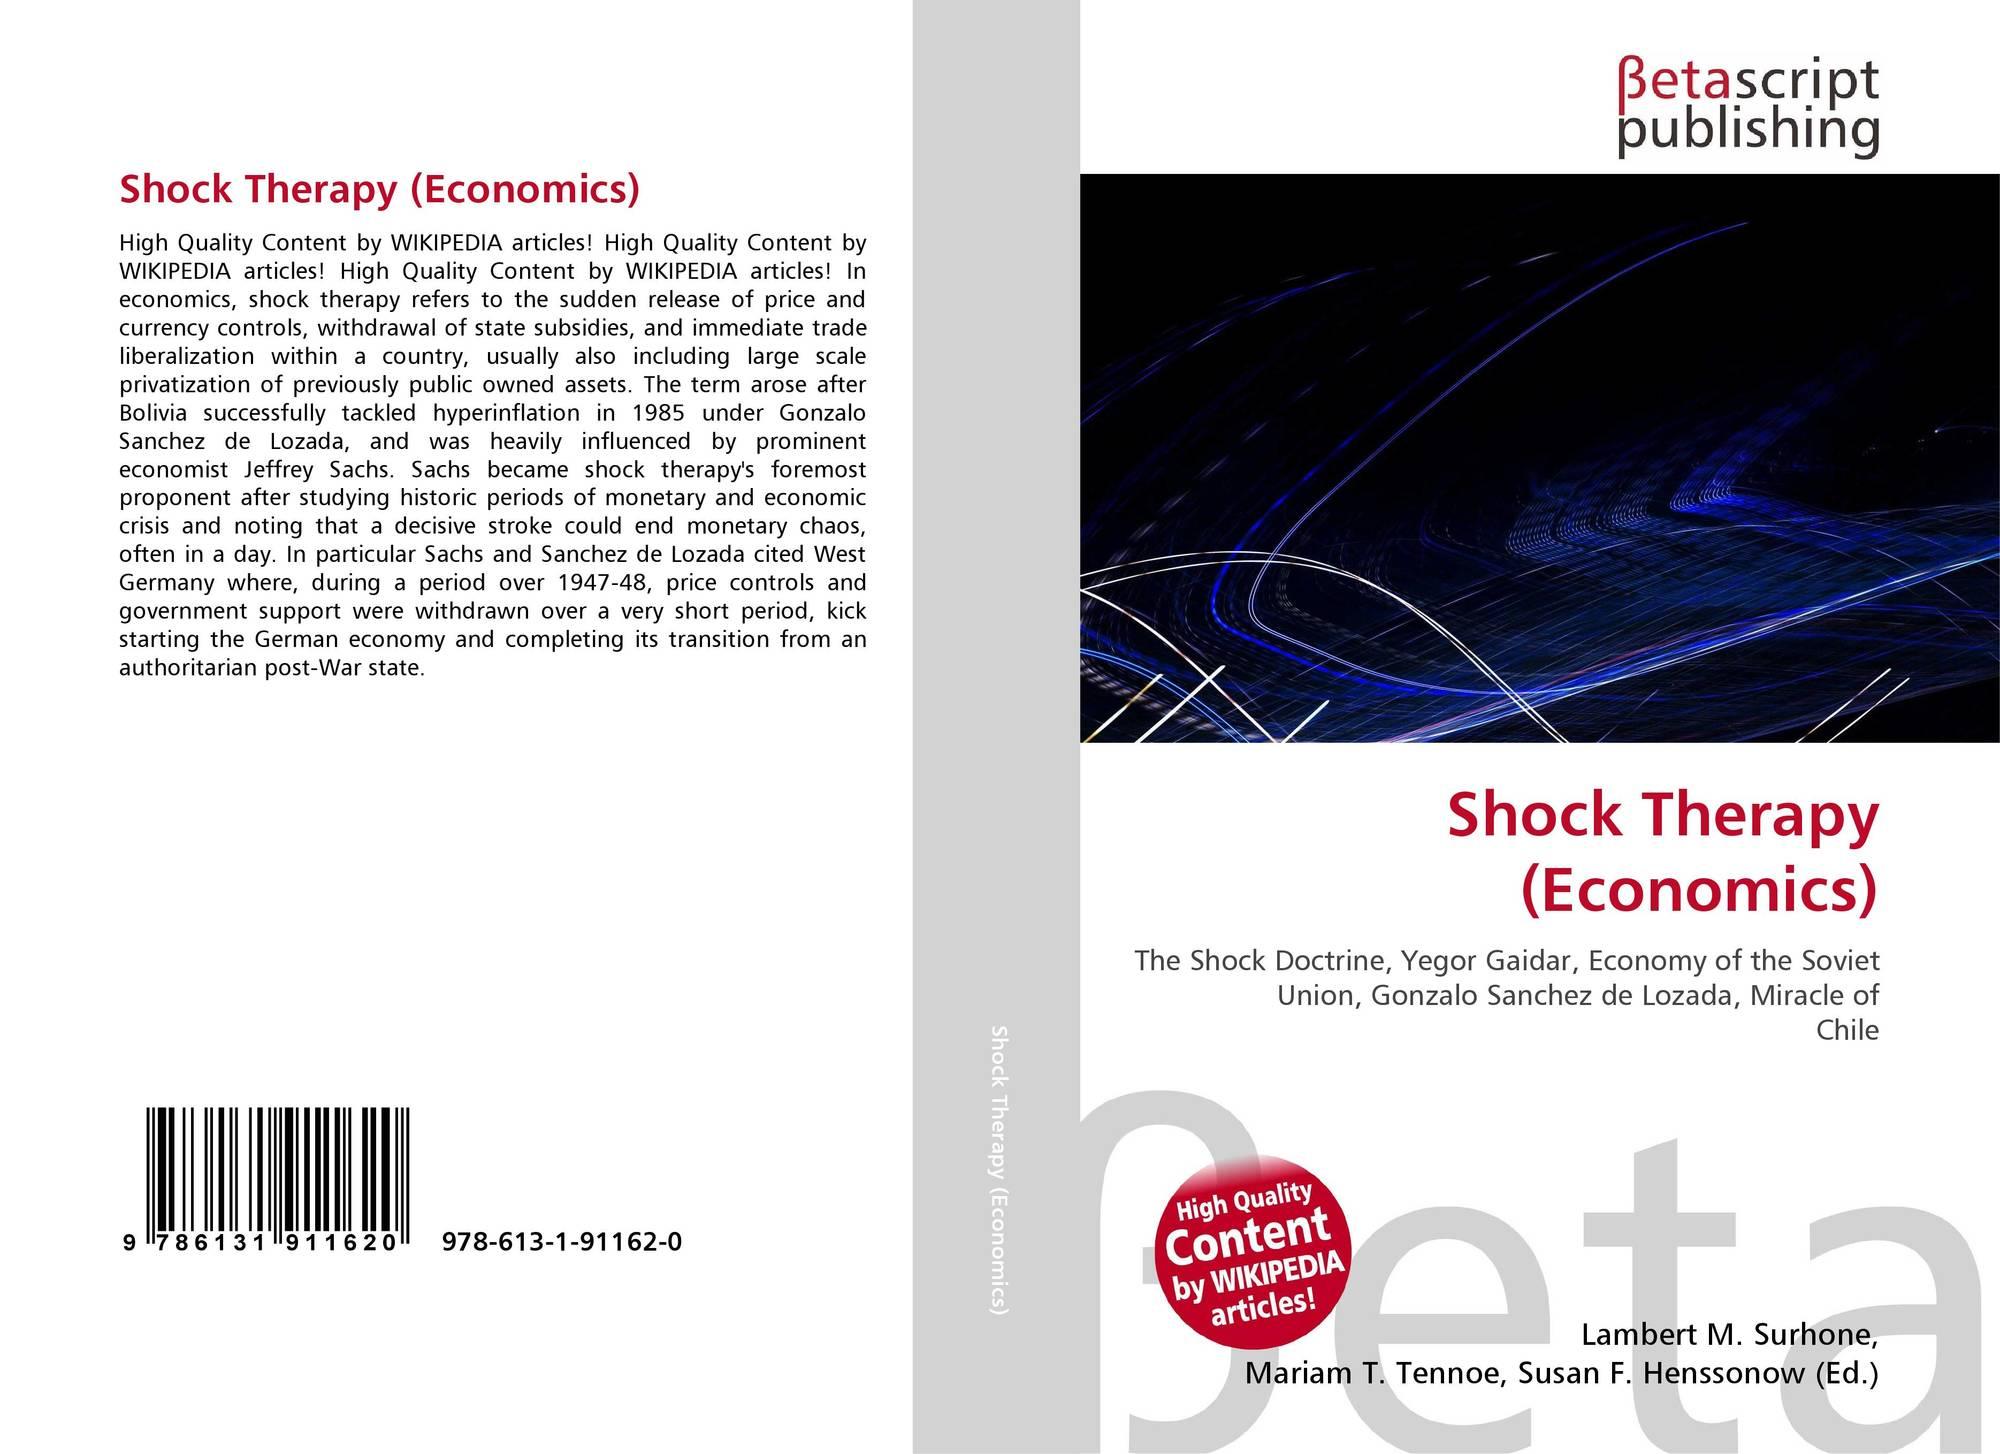 chilean economic shock therapy essay